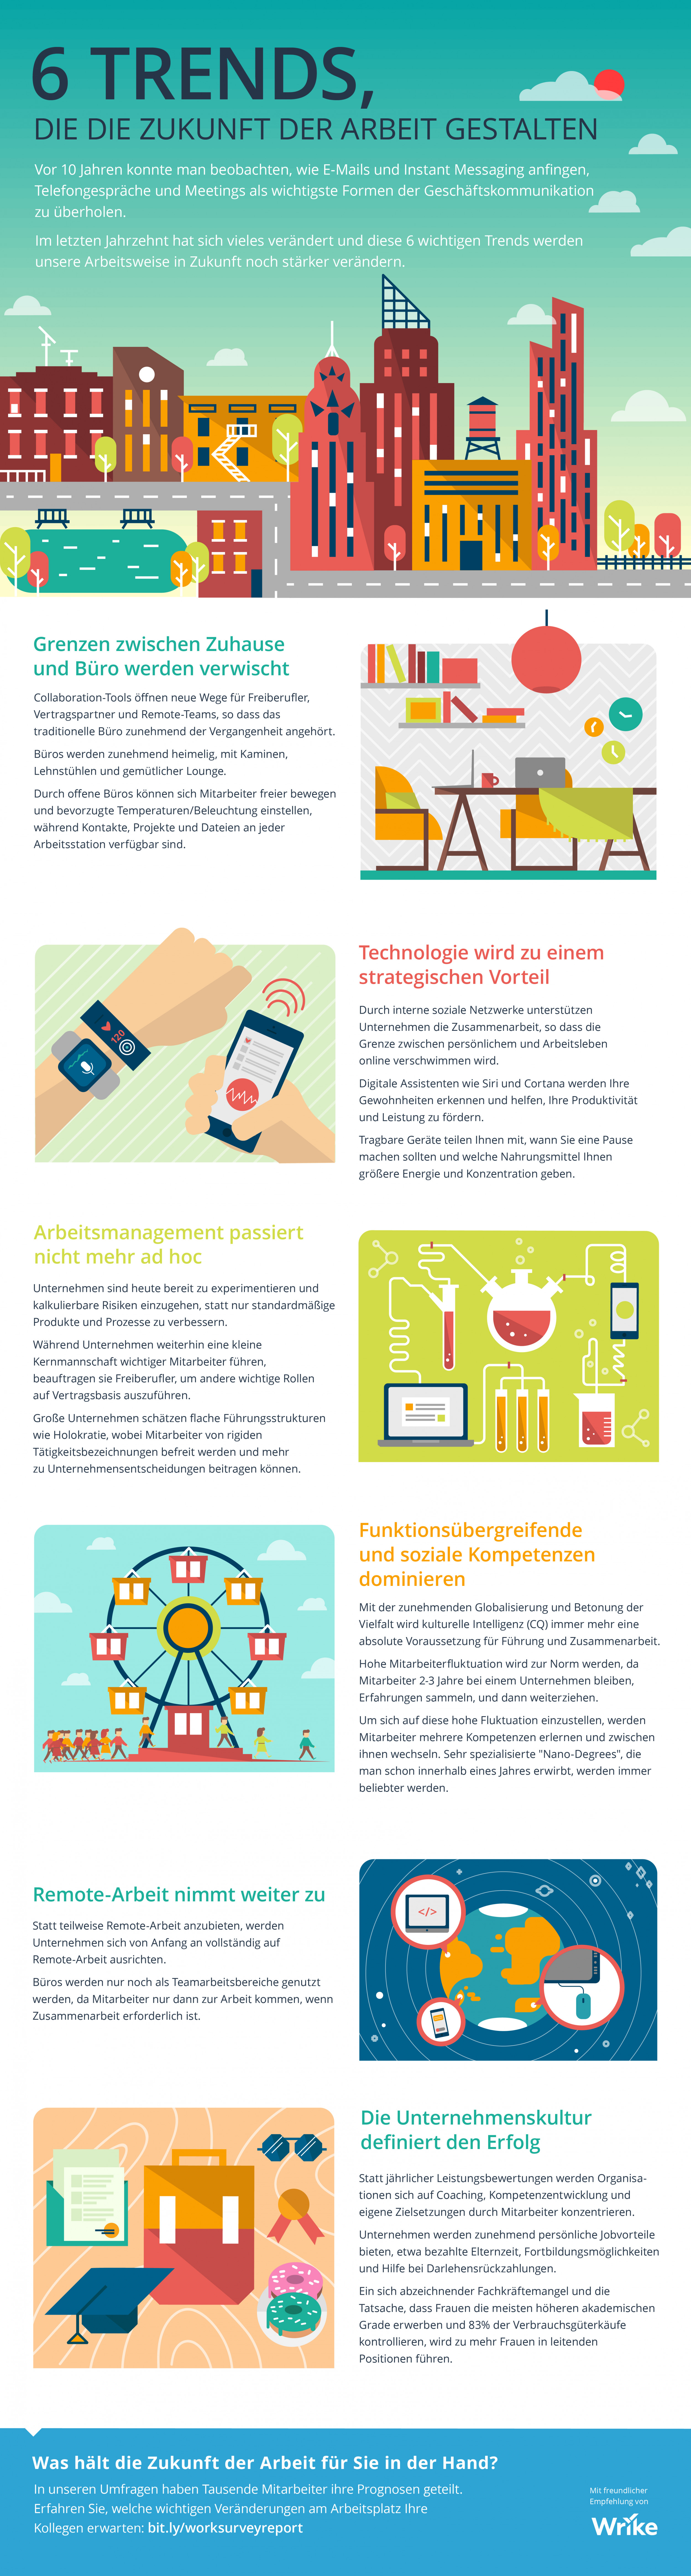 6 Trends, die die Zukunft der Arbeit gestalten (Infografik)